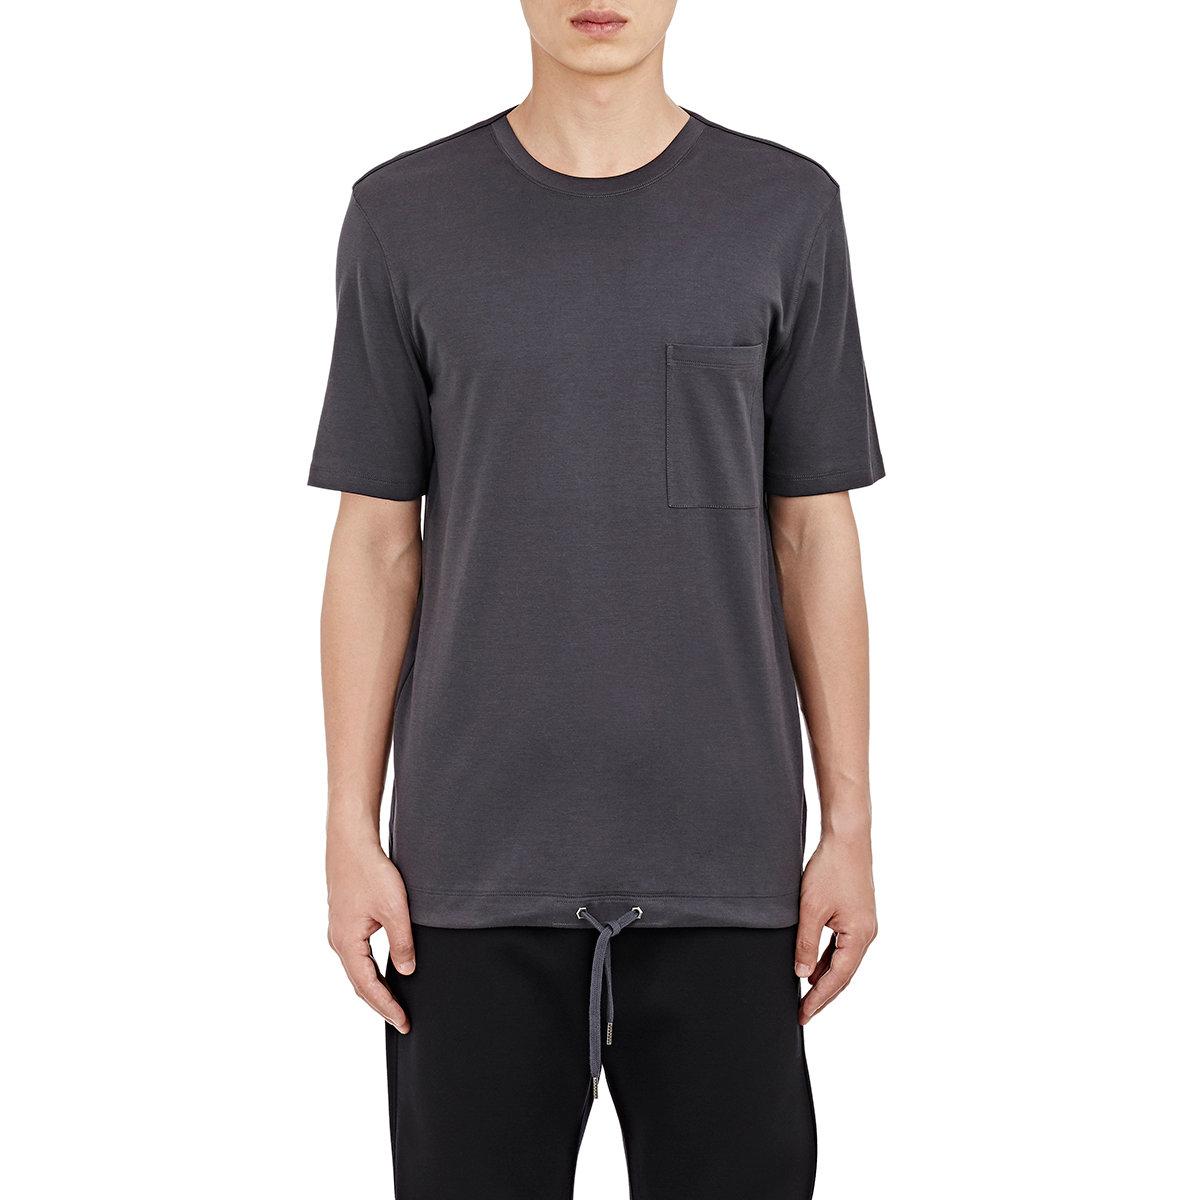 helmut lang men 39 s drawstring waist jersey t shirt in black. Black Bedroom Furniture Sets. Home Design Ideas